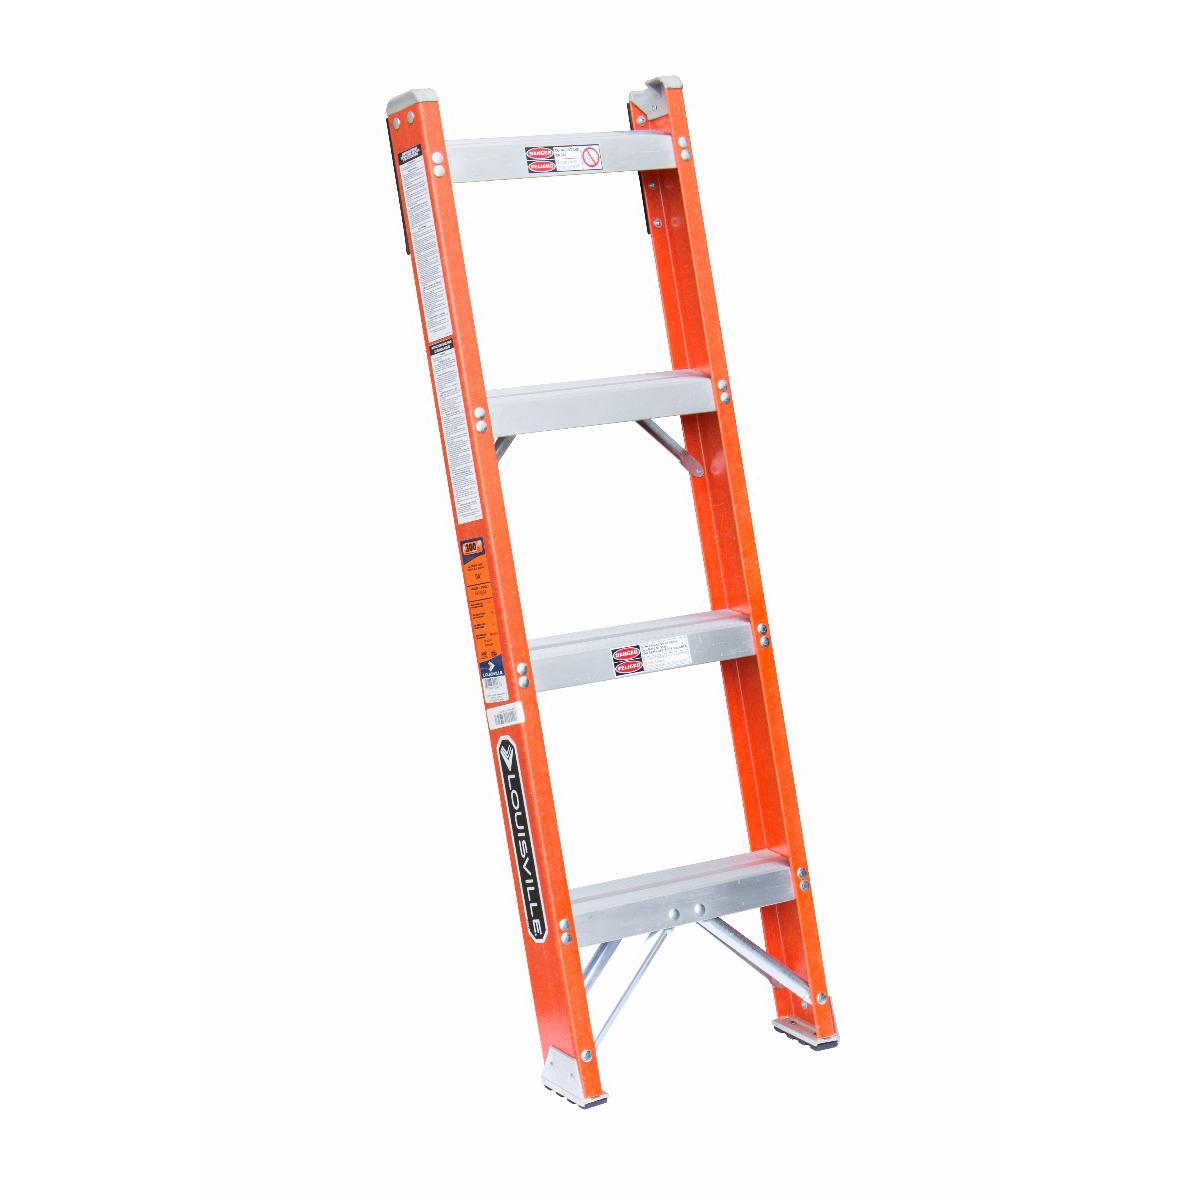 Louisville Ladder(ルイビルラダー) ファイバーはしご[オレンジ]耐荷重135kg【4ft(120cm)】